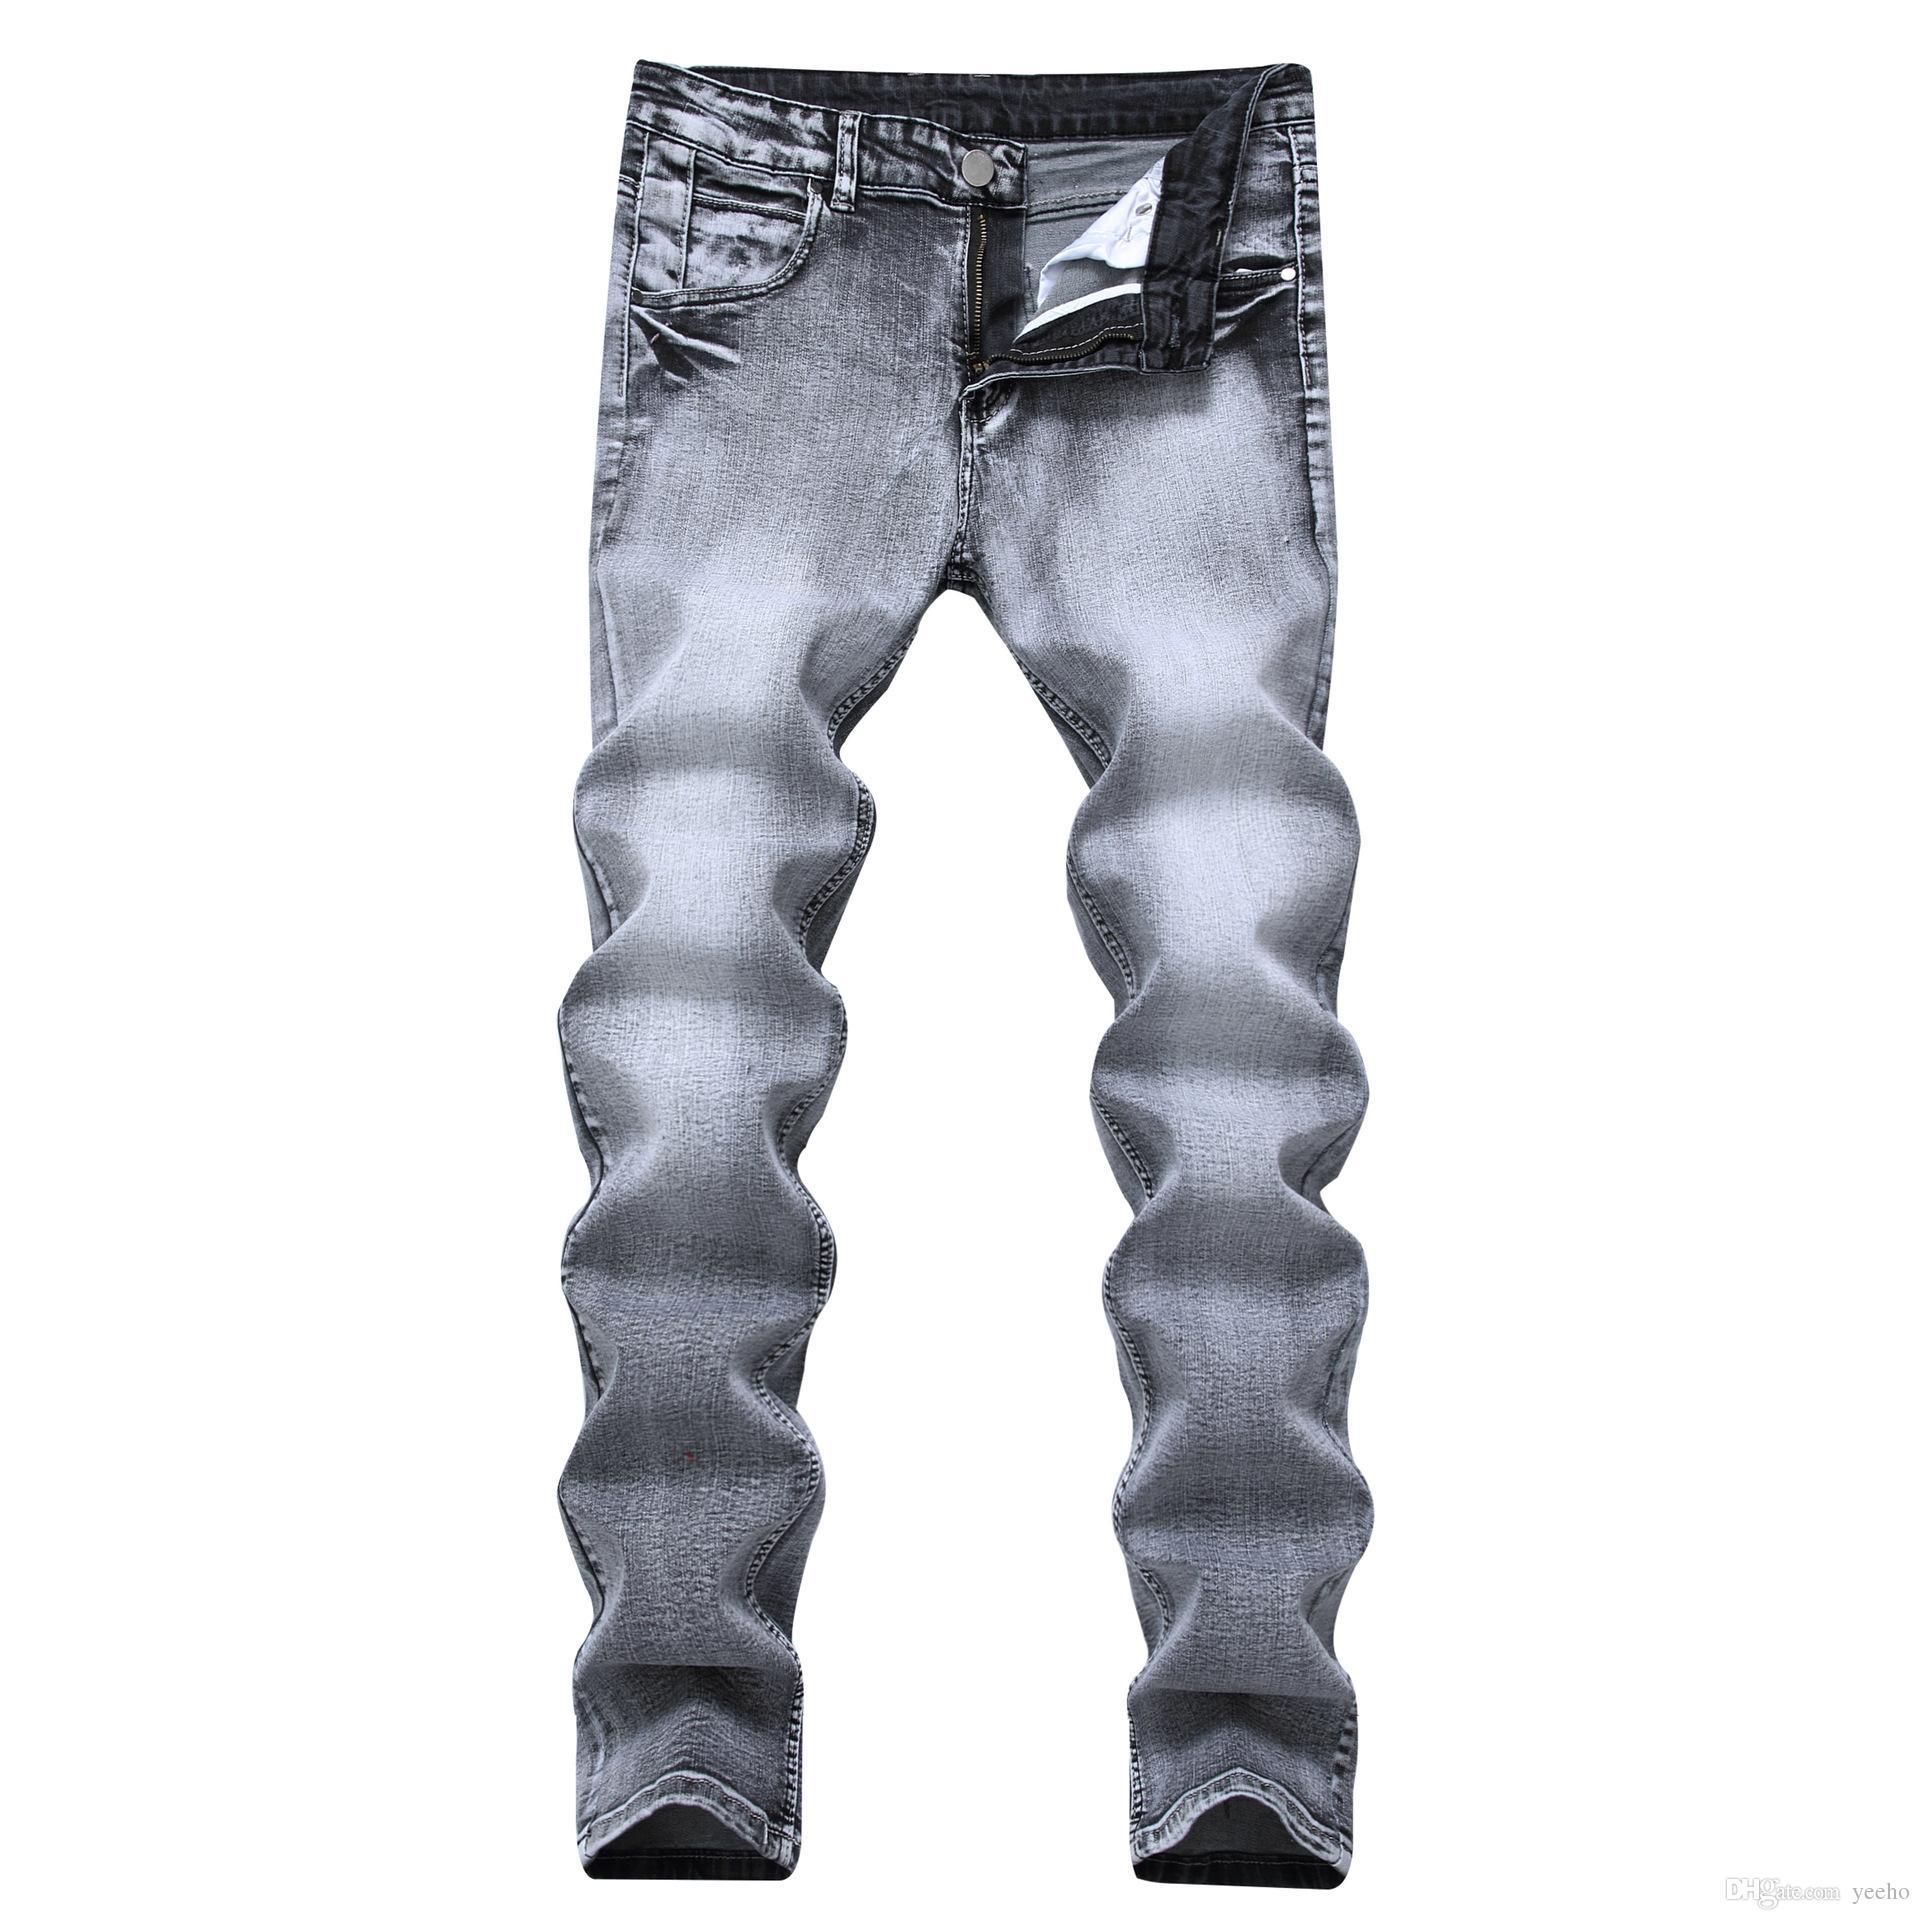 90a8cc30613c Acquista Jeans Stretch Grigio Chiaro Uomo Nostalgico Straight Slim Fit  Pantaloni Denim Elasticizzati Jeans Classici Pantaloni Cowboys Young M3 048  A $60.92 ...